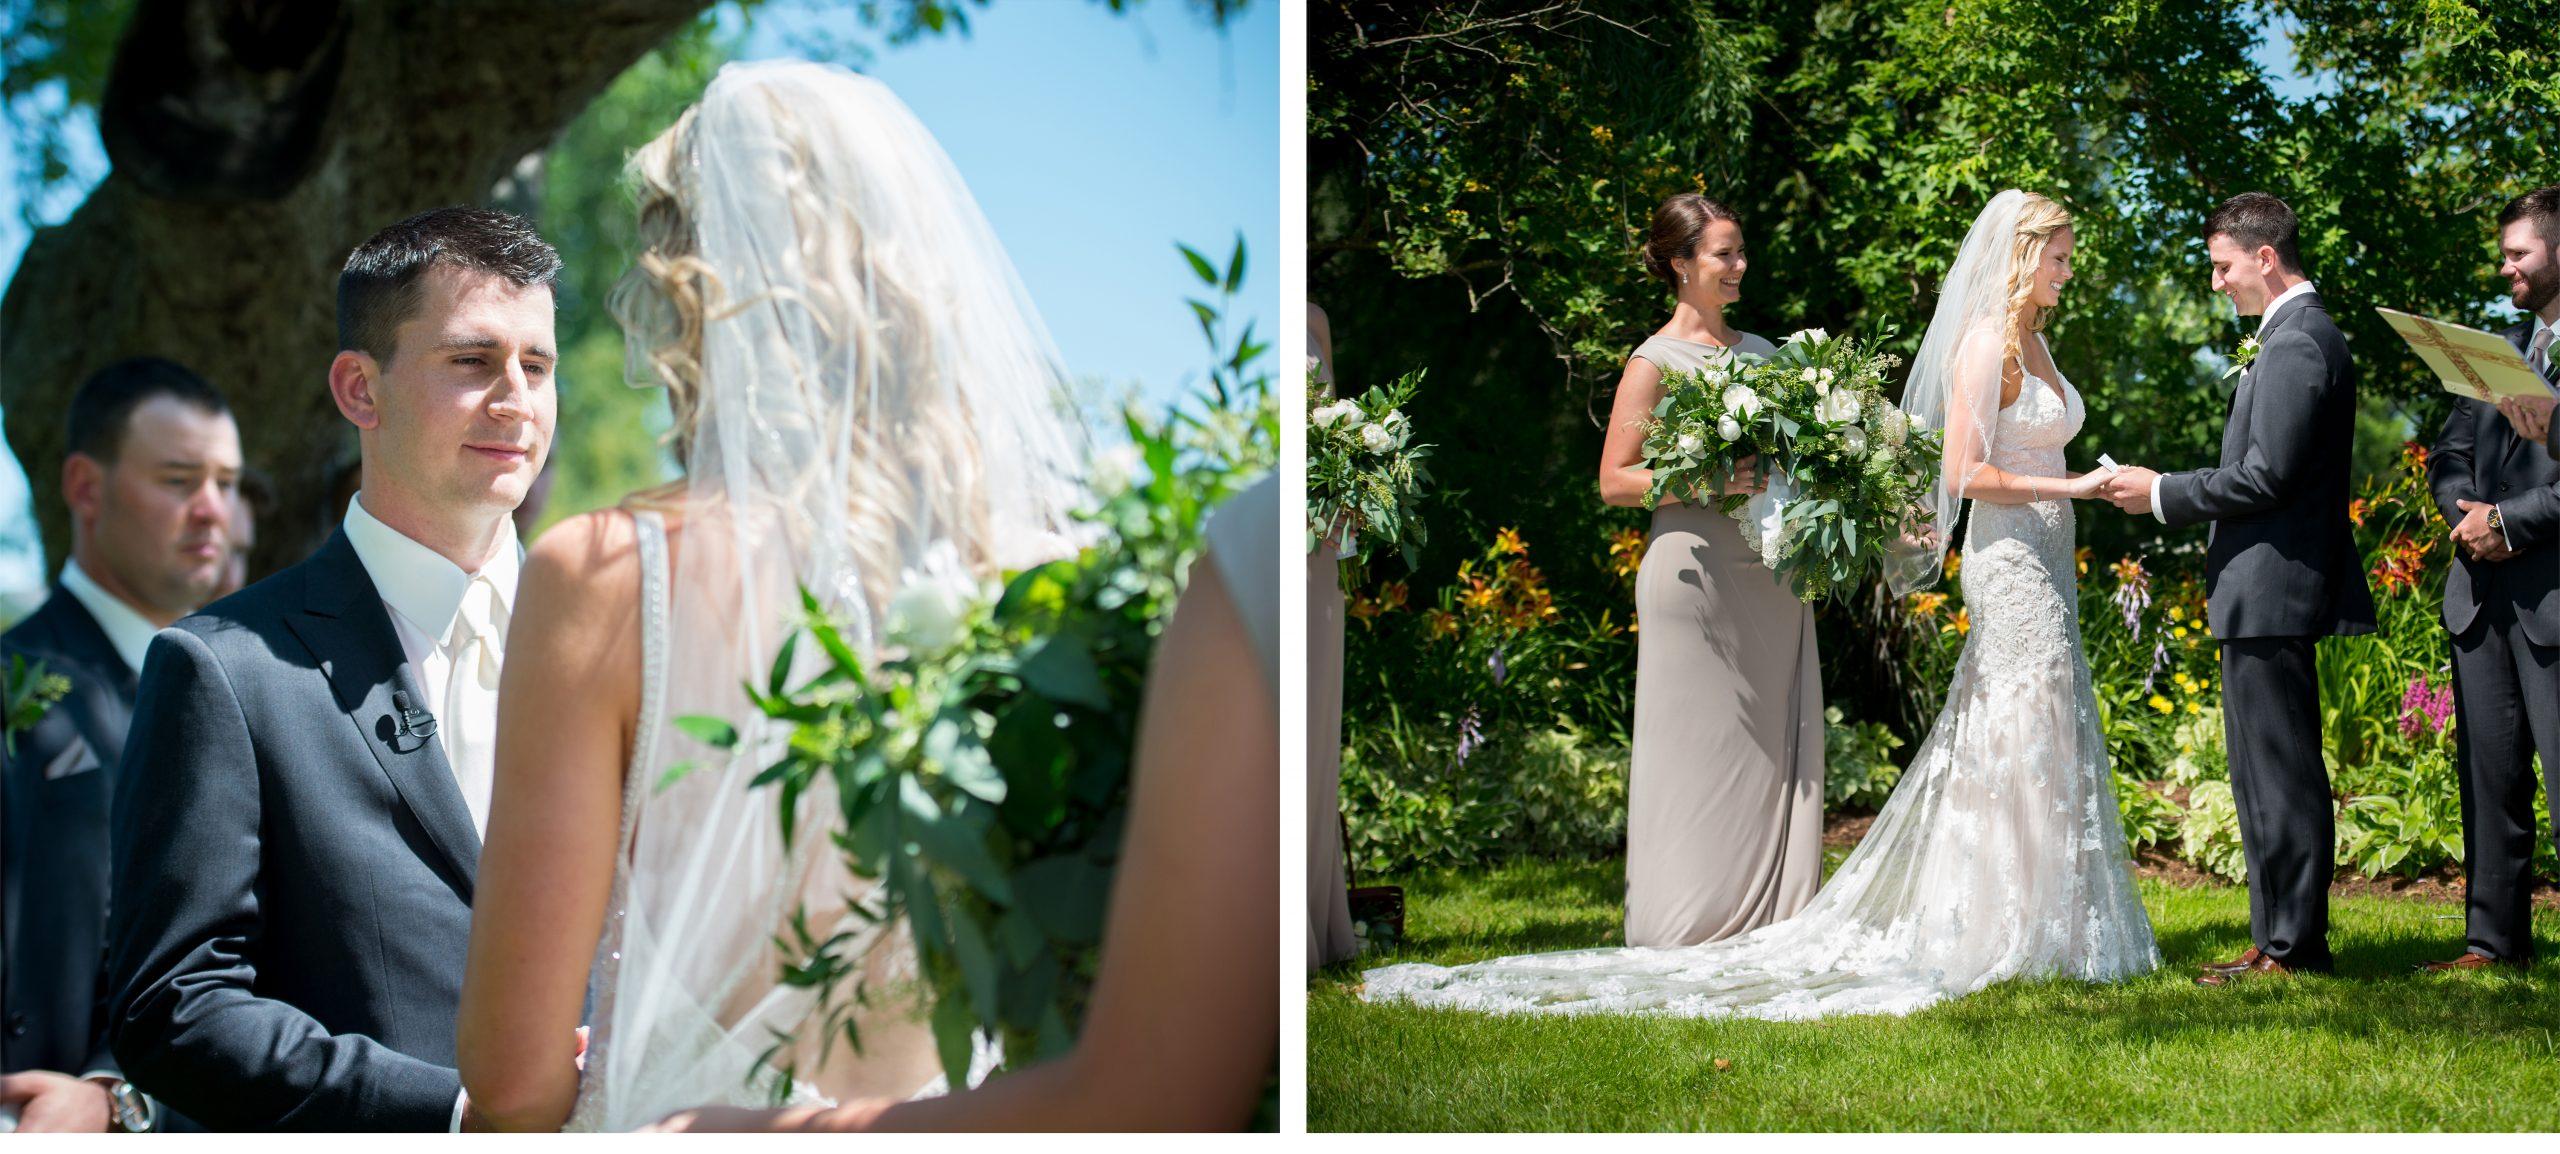 kw_wedding_photographer